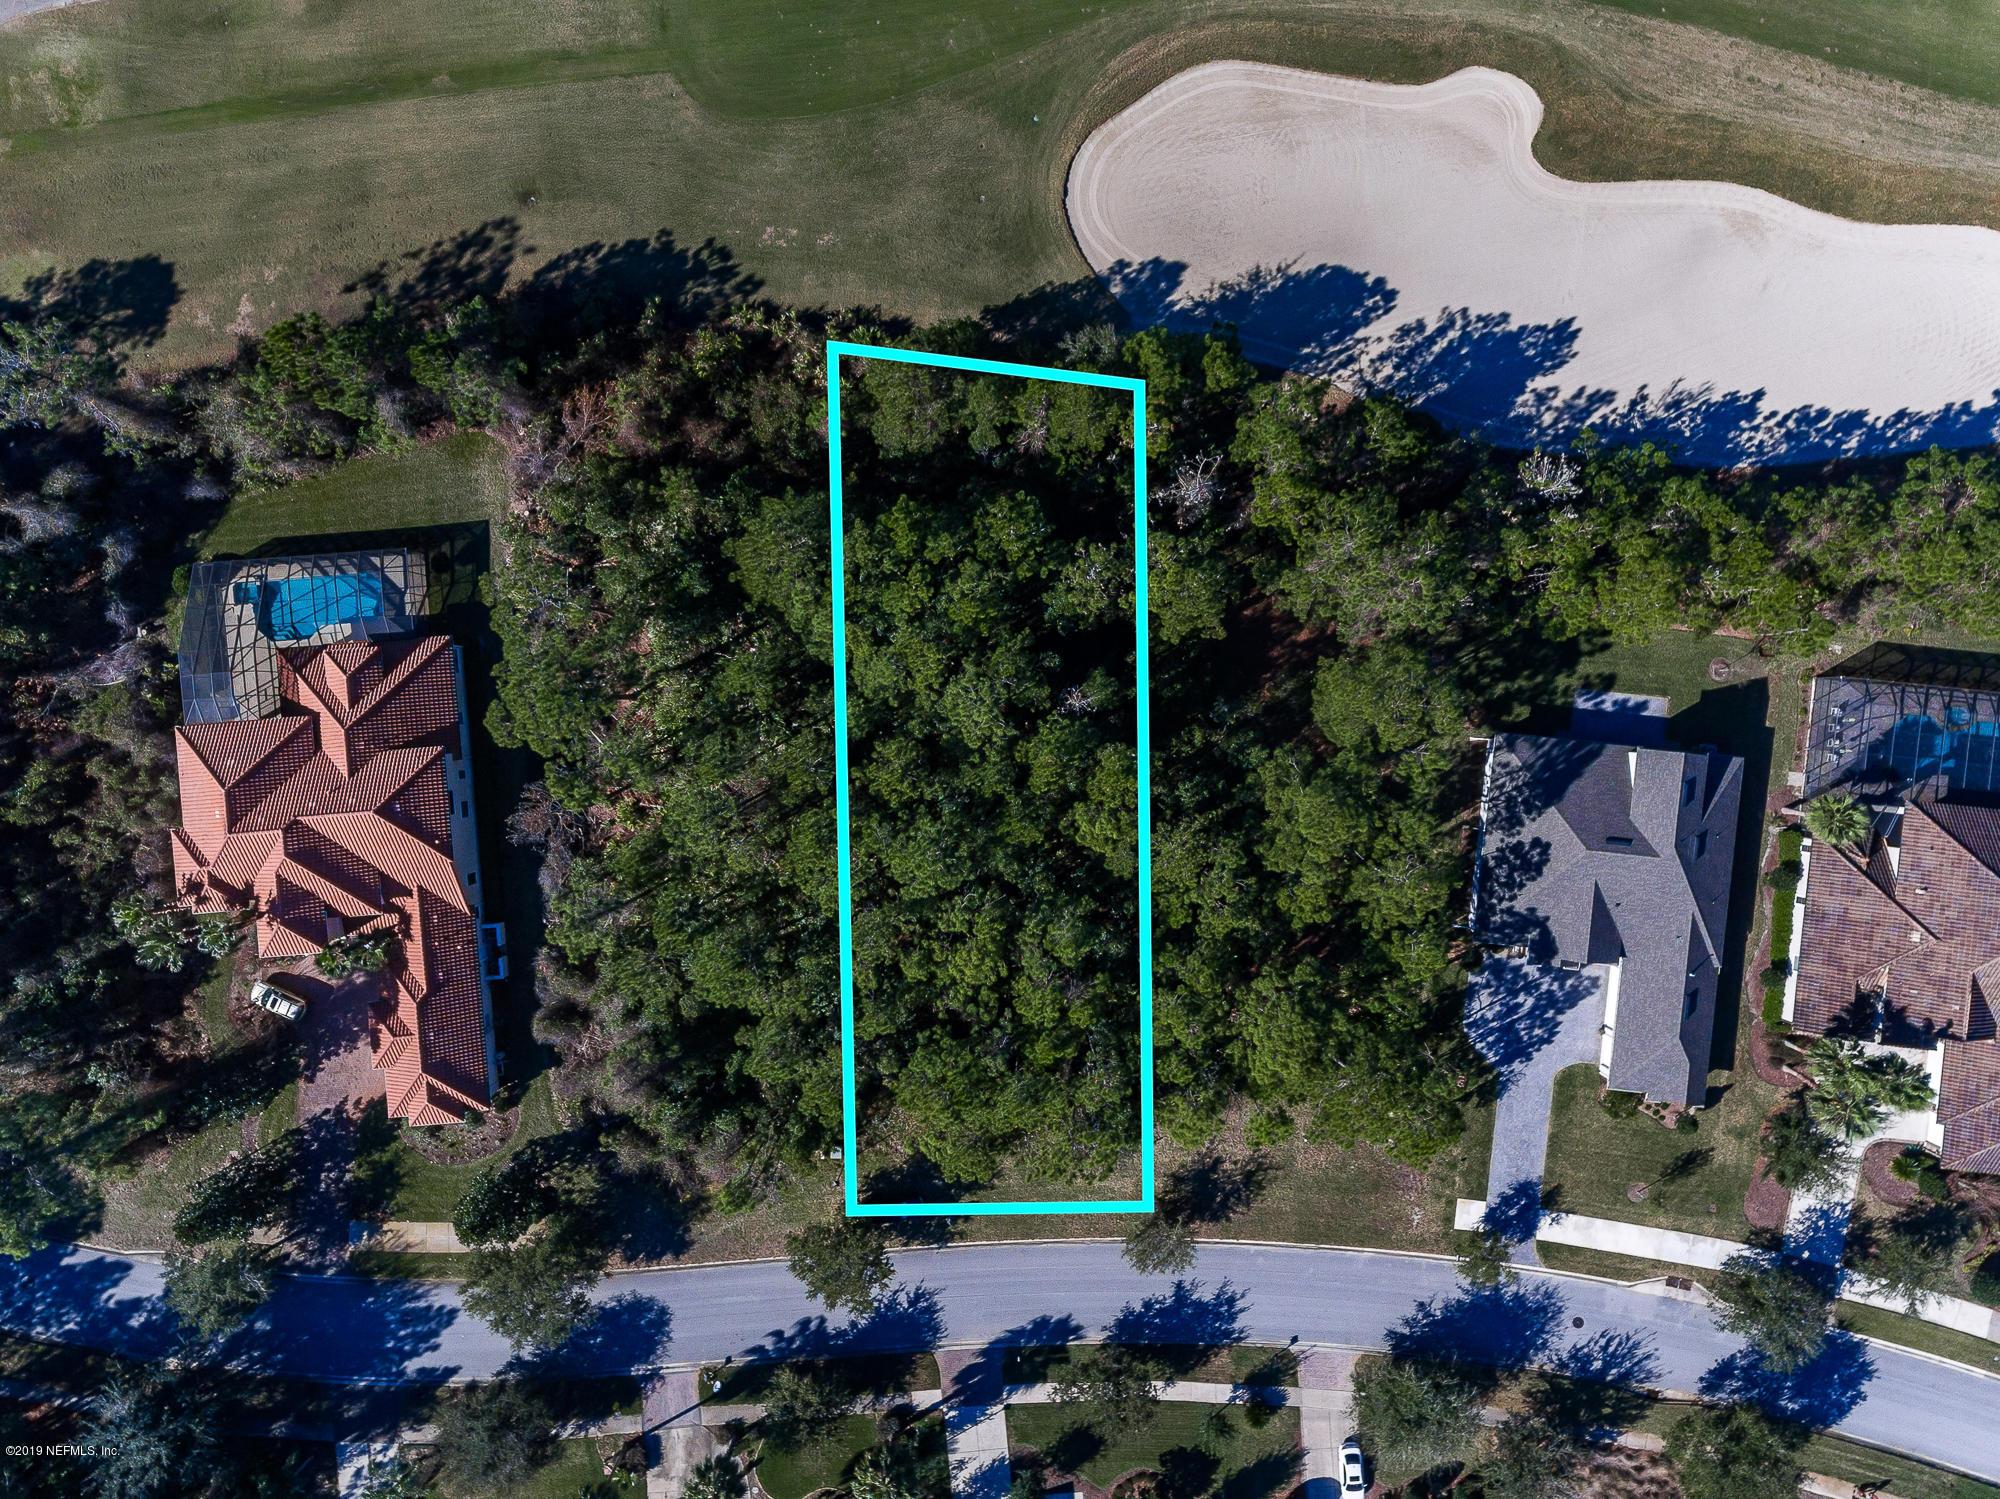 1785 LOOP, ST AUGUSTINE, FLORIDA 32095, ,Vacant land,For sale,LOOP,1024784